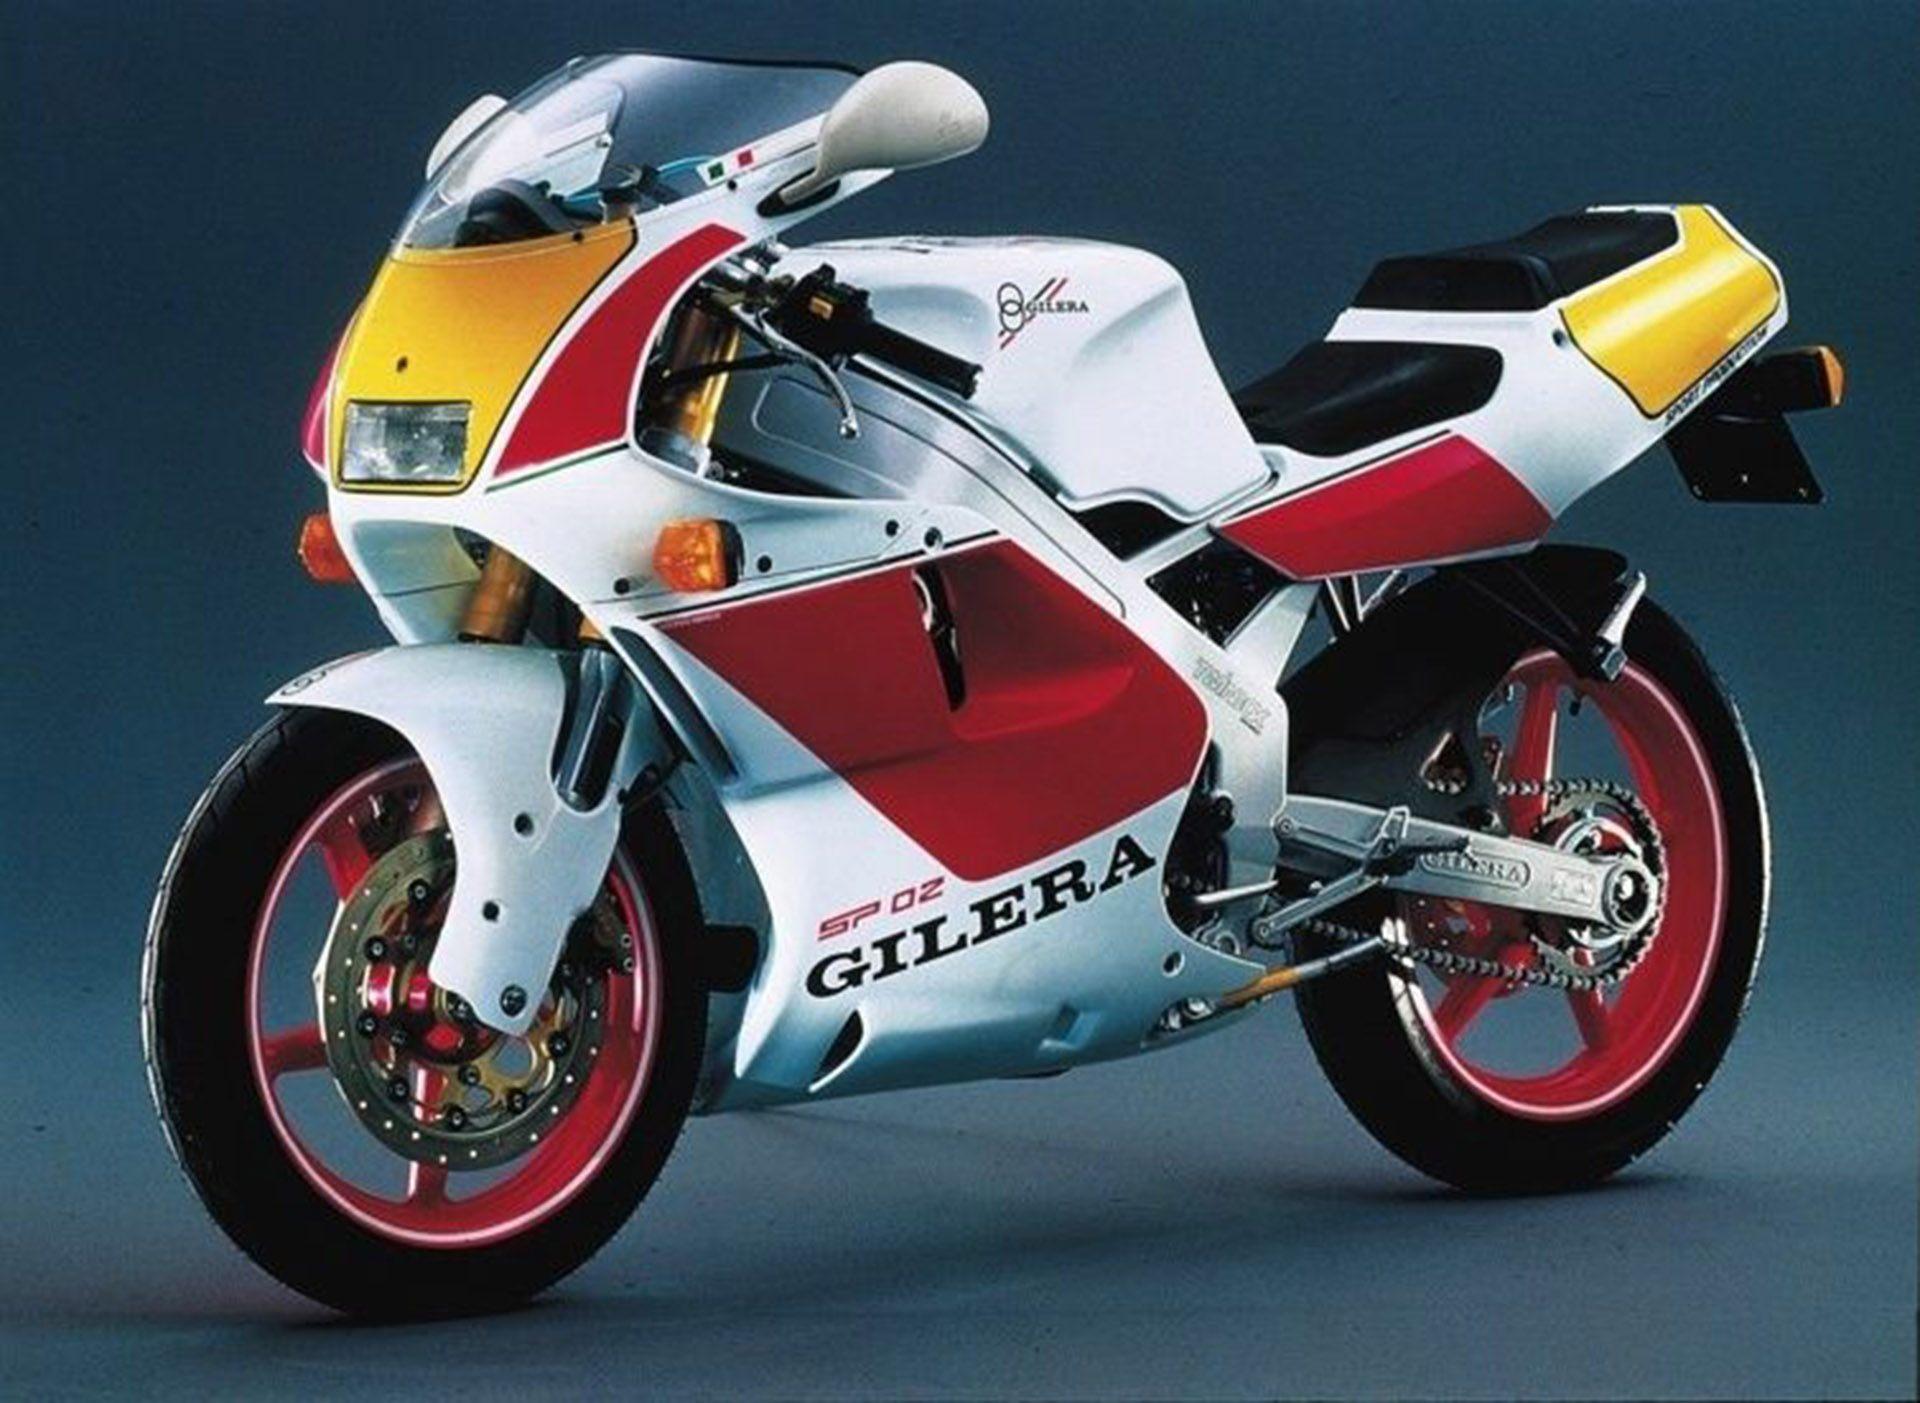 Moto del día: Gilera SP02